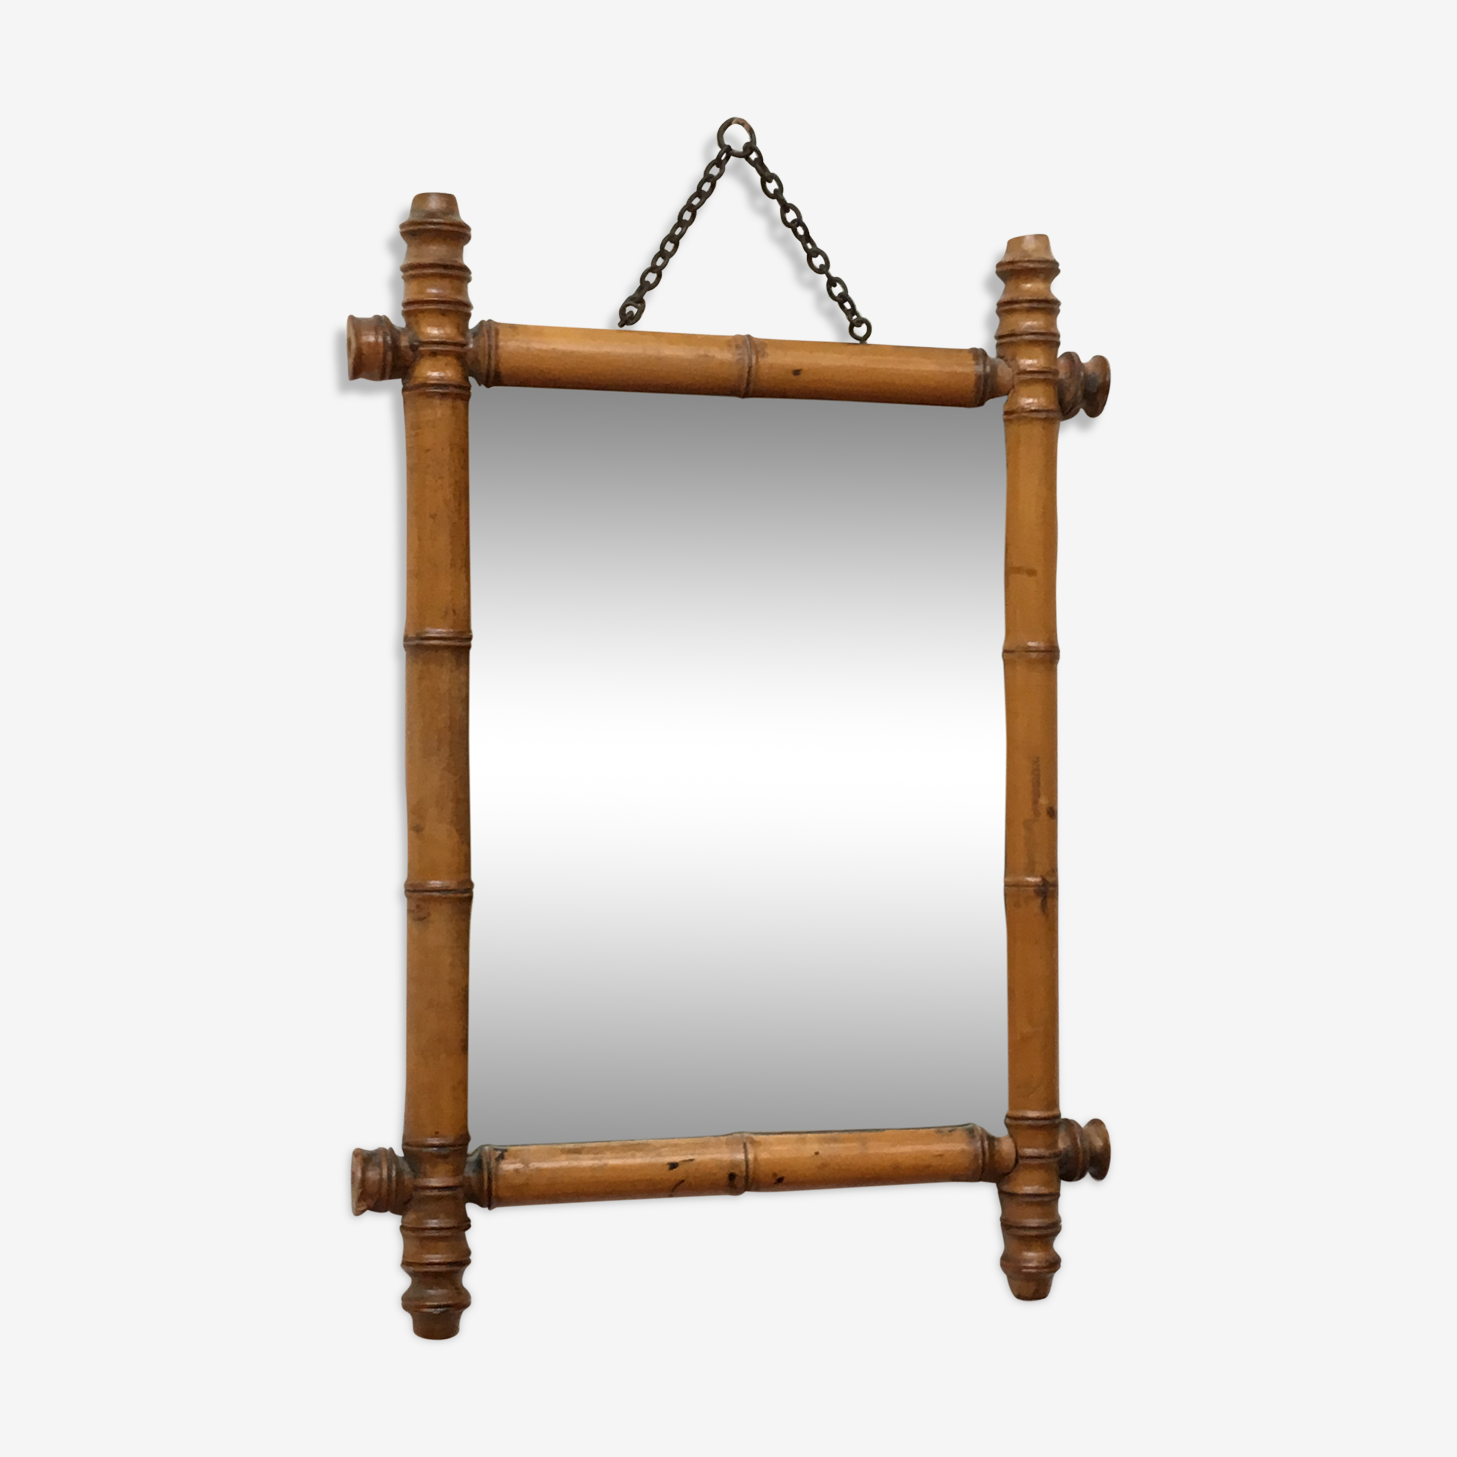 Miroir avec cadre bambou vintage 51x36cm